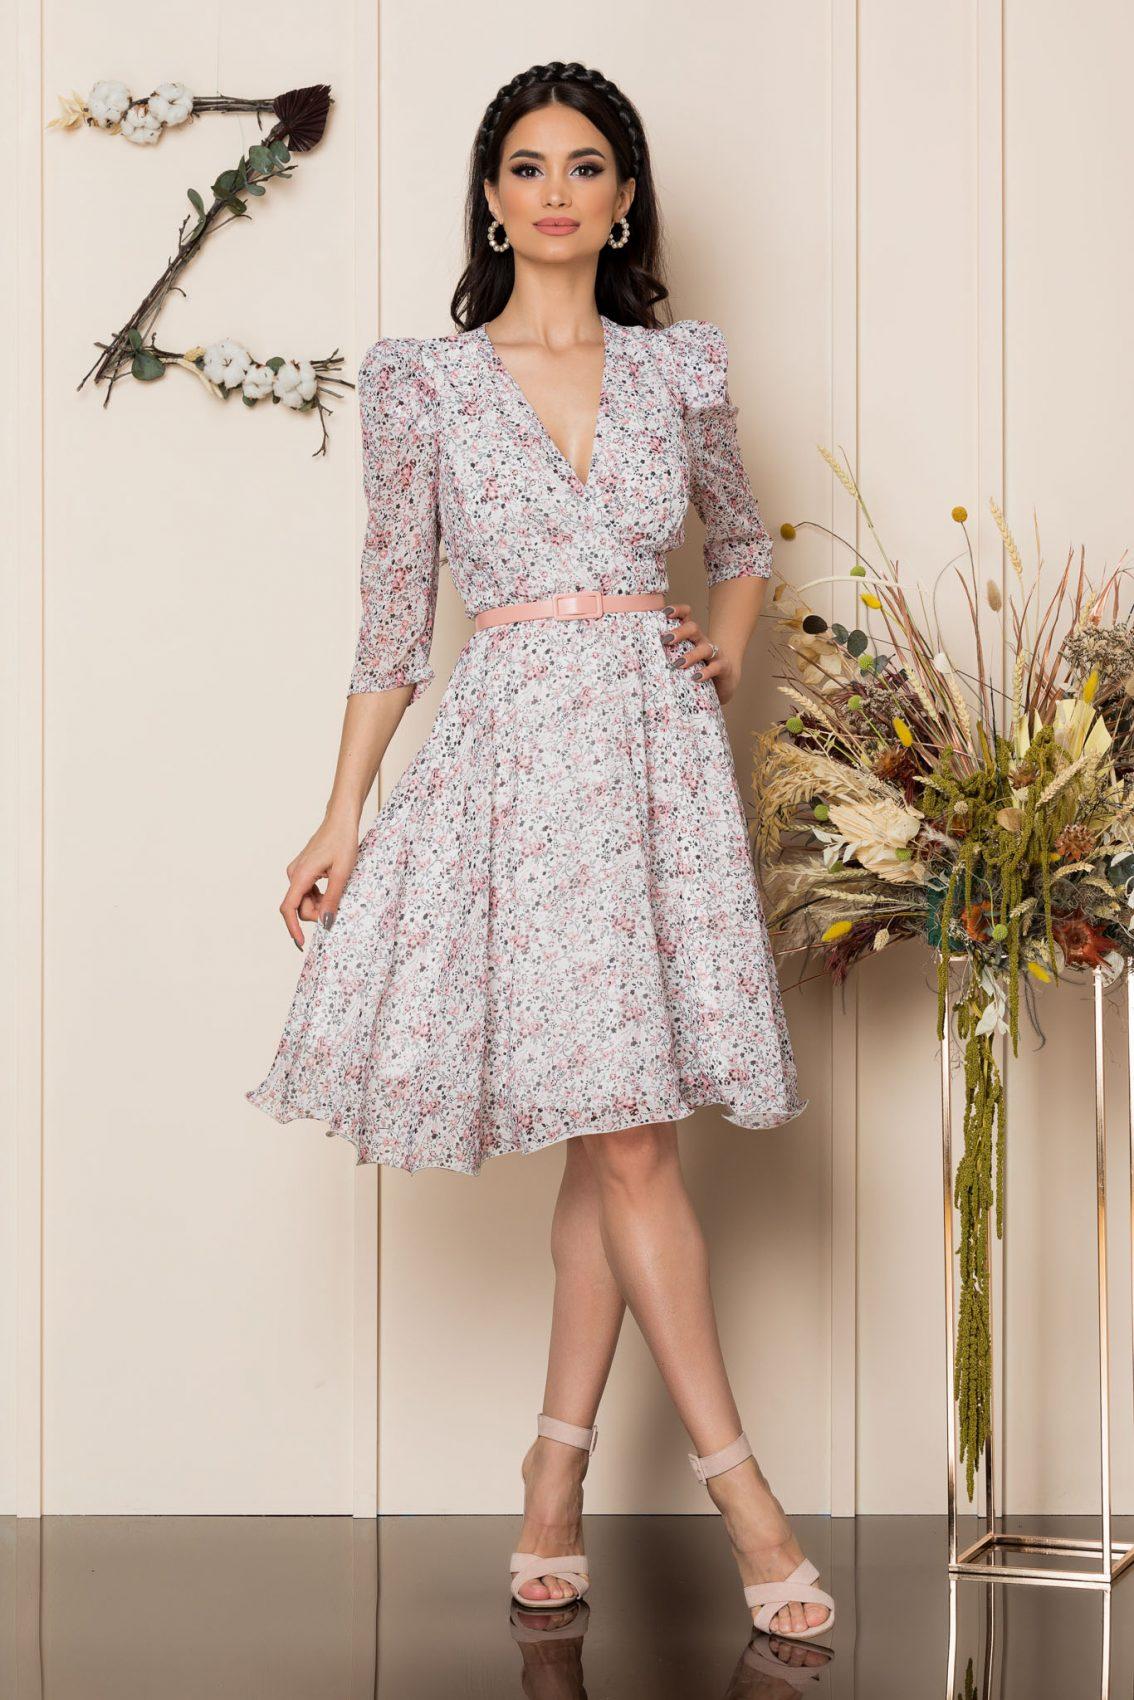 Φλοράλ Κρουαζέ Φόρεμα Με Ροζ Ζώνη Magda A254 1